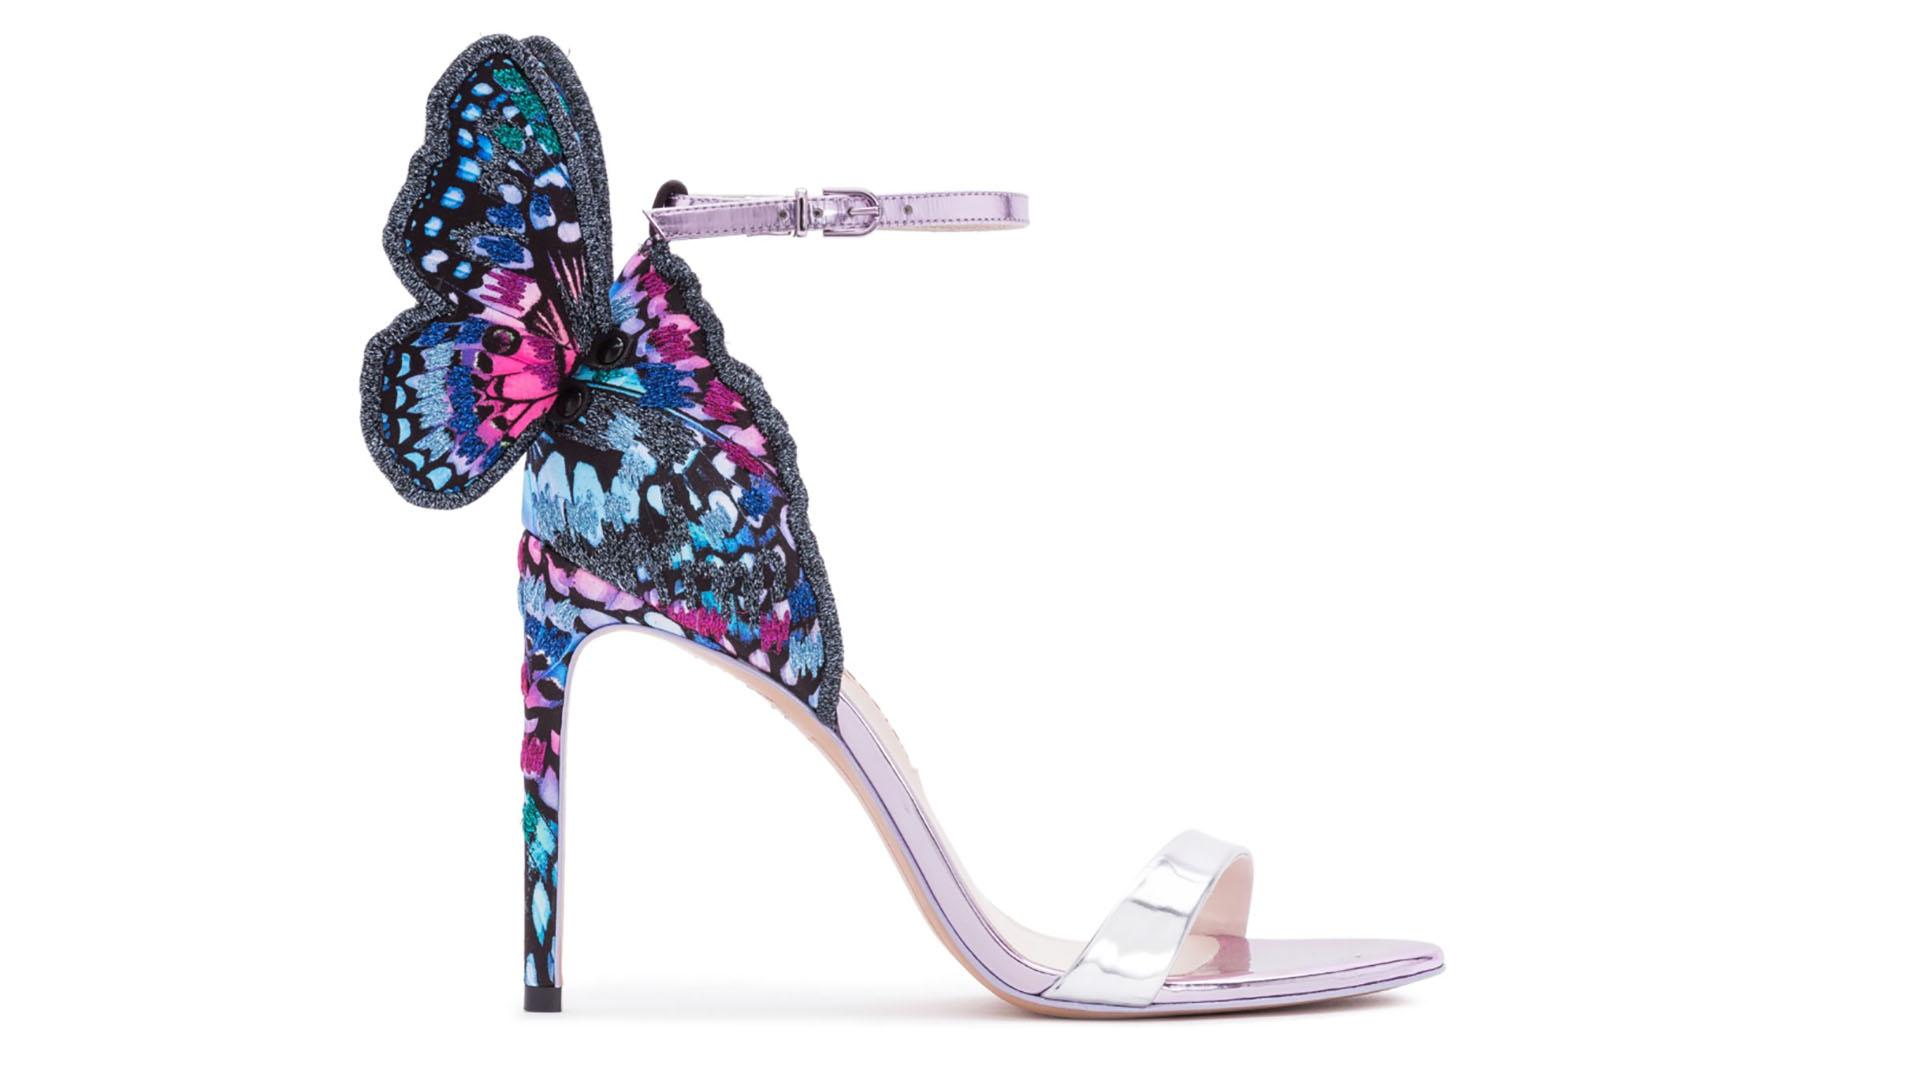 """615c8bfd7a Sophia Webster se destaca por presentar siempre diseños de zapatos  """"llamativos"""" y diferentes."""